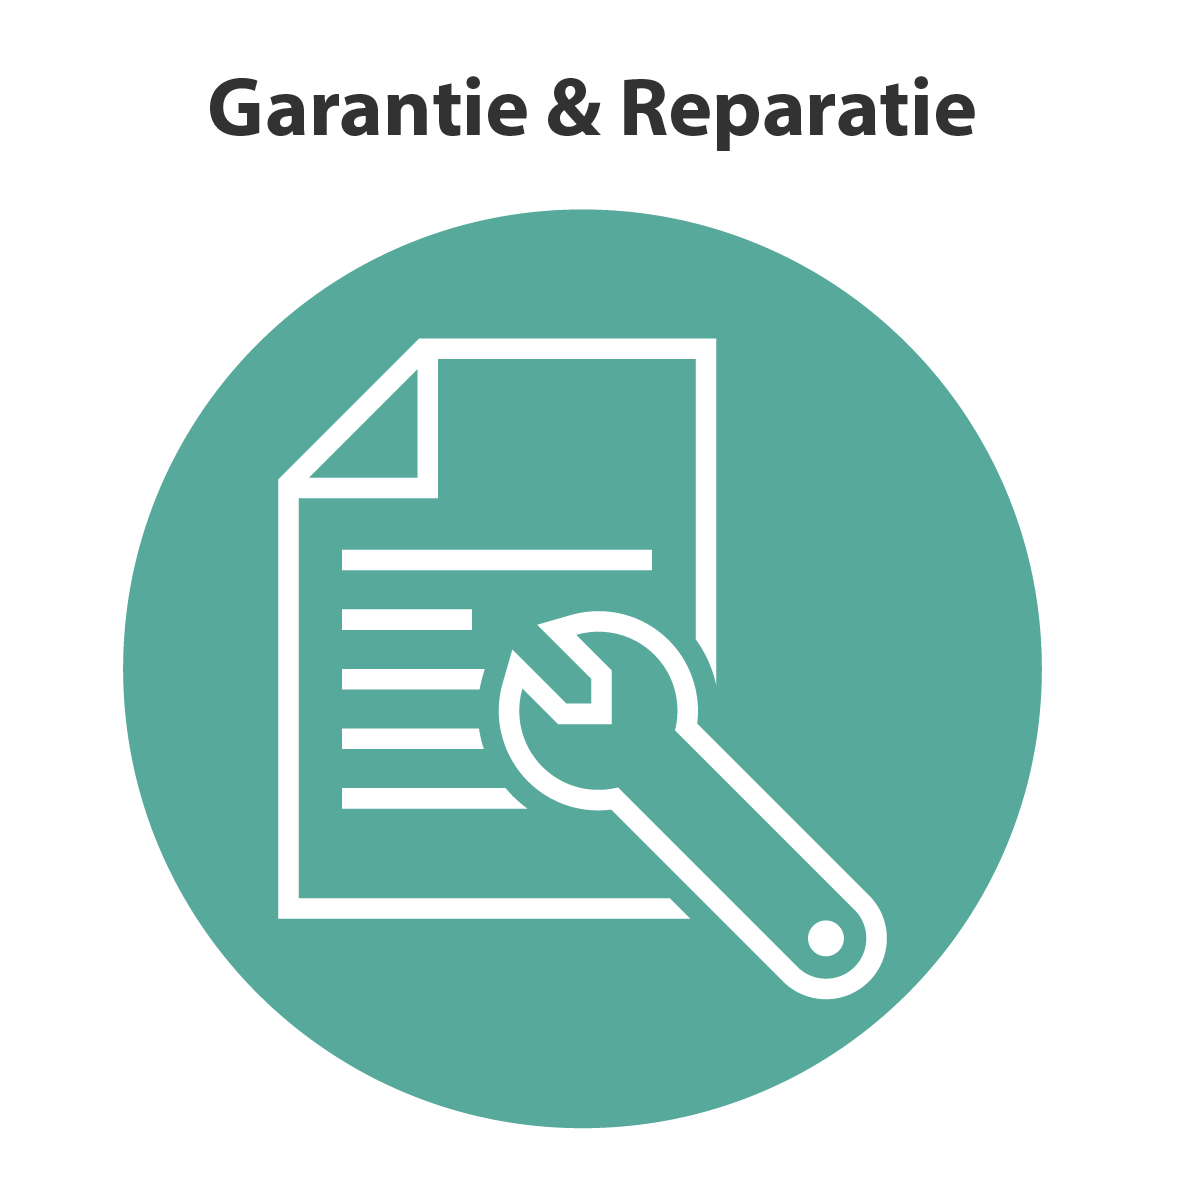 Garantie & Reparatie